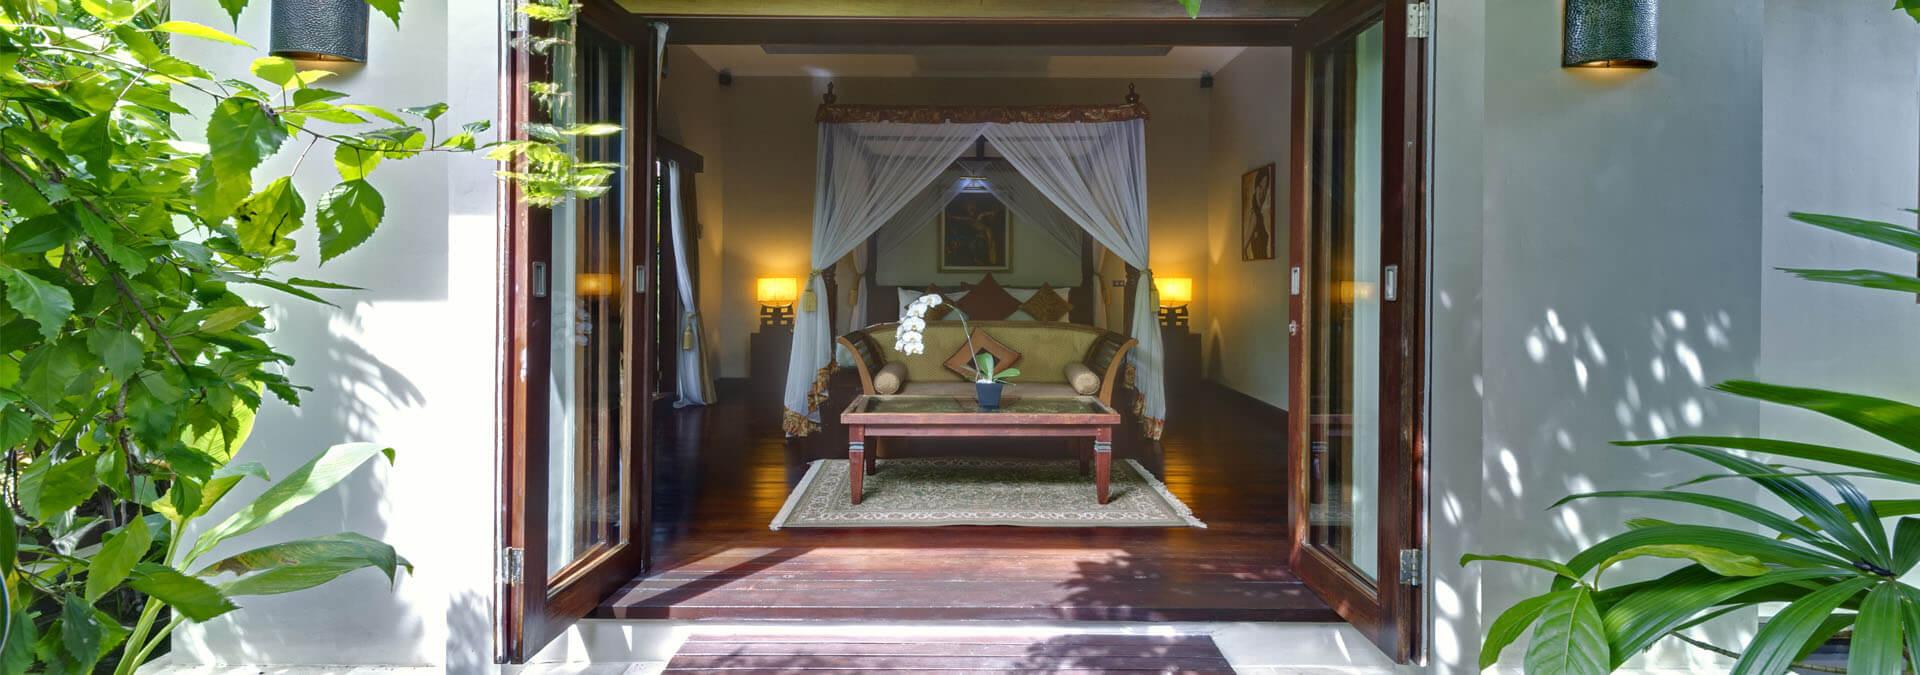 Villa-Kalimaya-I--First-guest-bedroom-pavilion-entrance